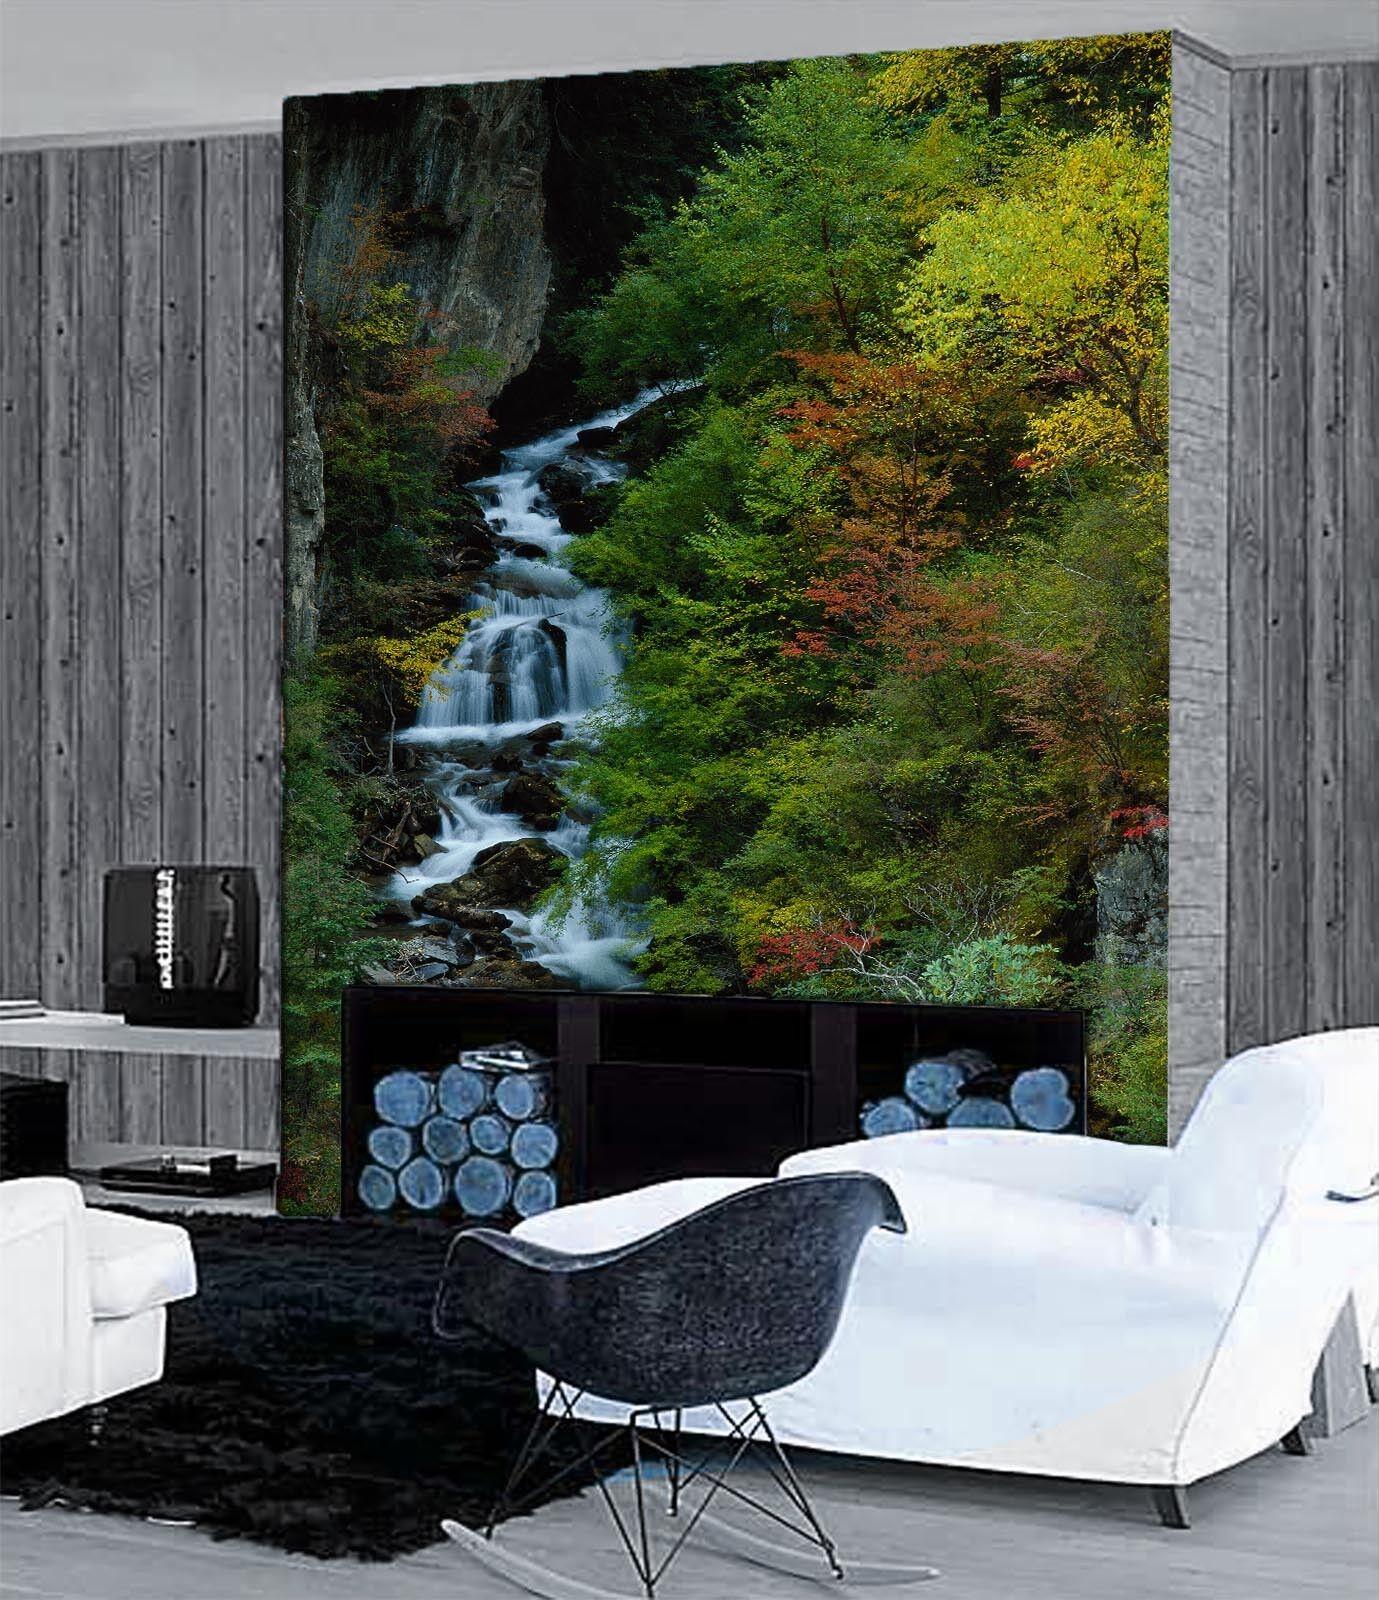 3D Stream View 4087 Wallpaper Murals Wall Print Wallpaper Mural AJ WALL UK Lemon